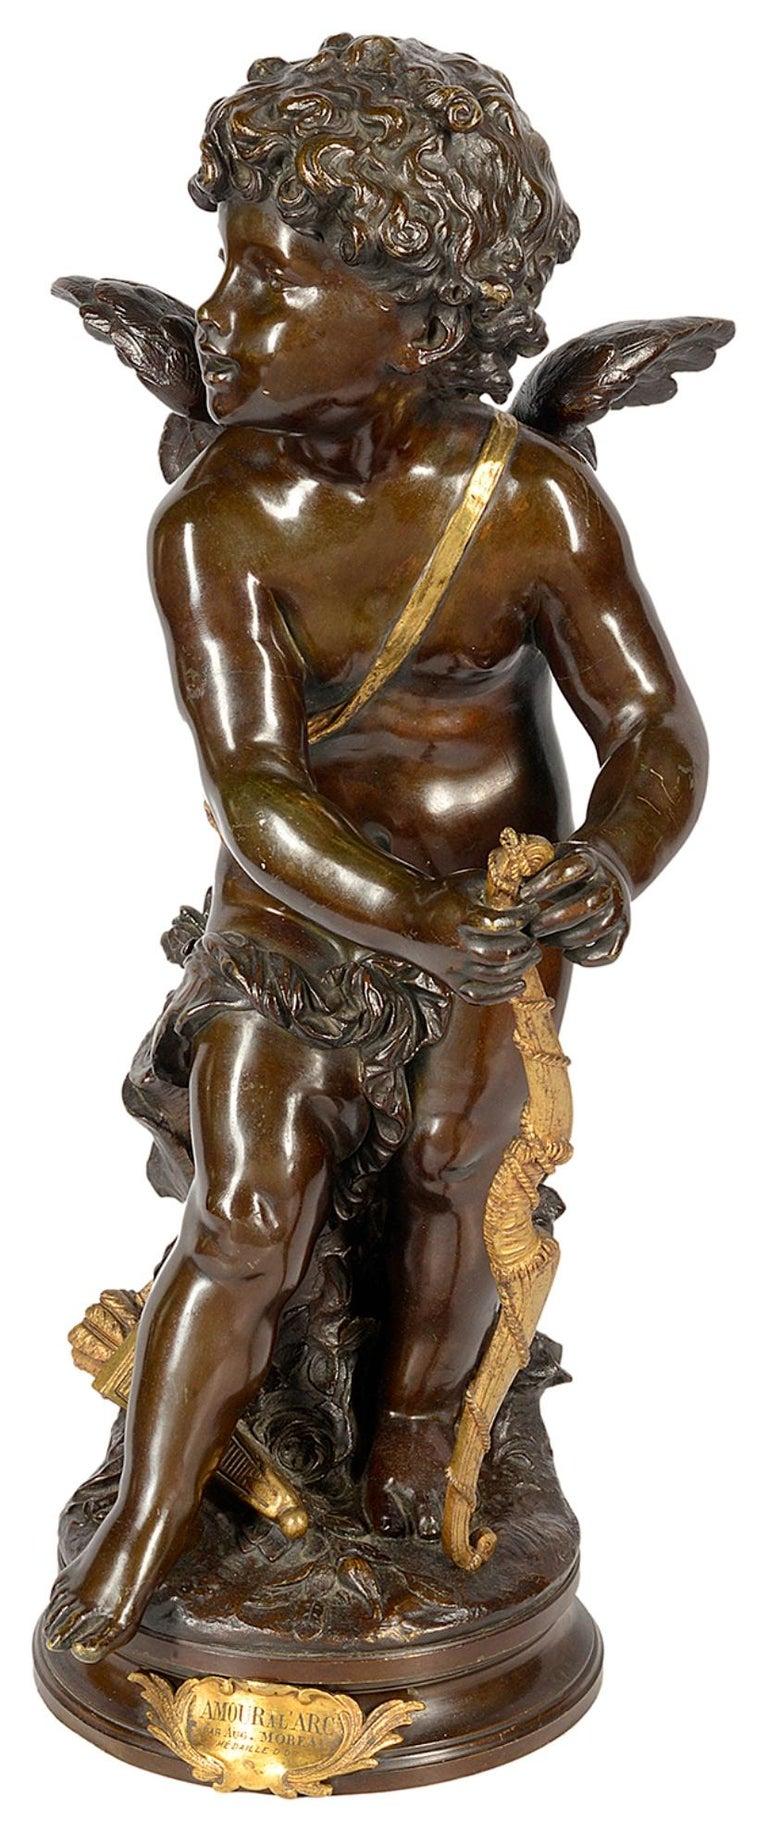 French Aug. Moreau Bronze Statue Entitled 'amour à l'arc' For Sale